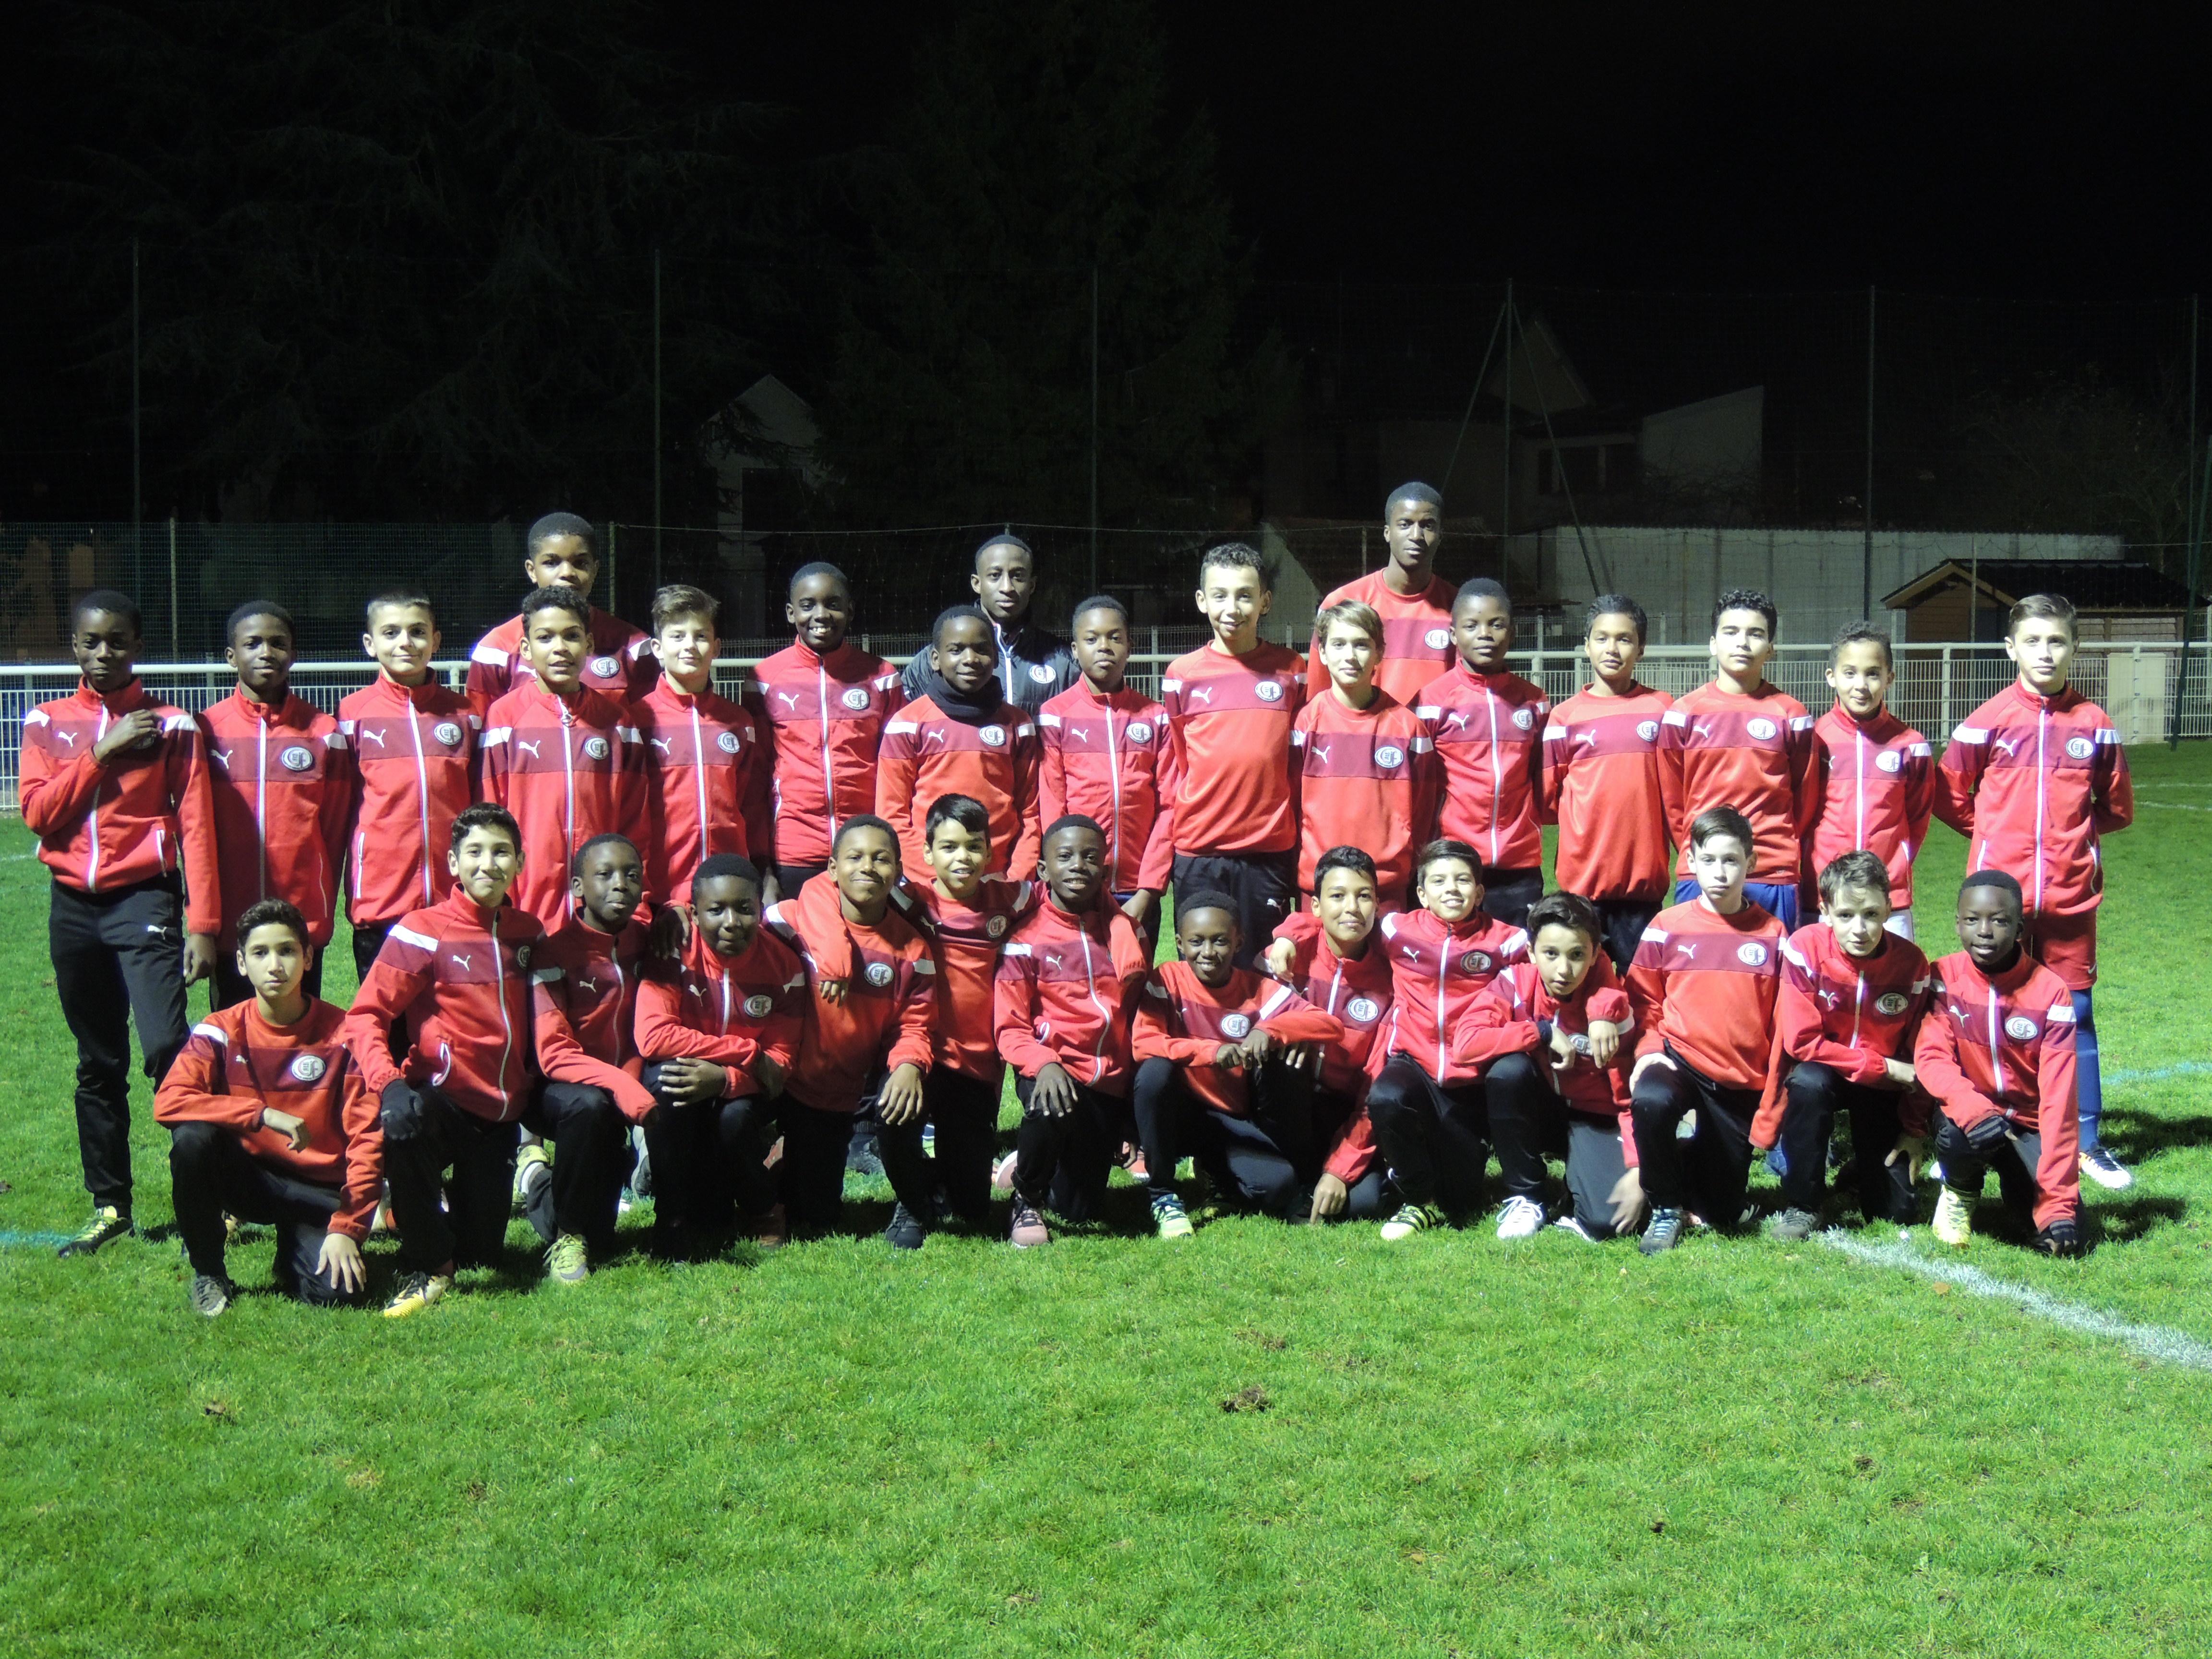 Groupe-U13: 2017-2018